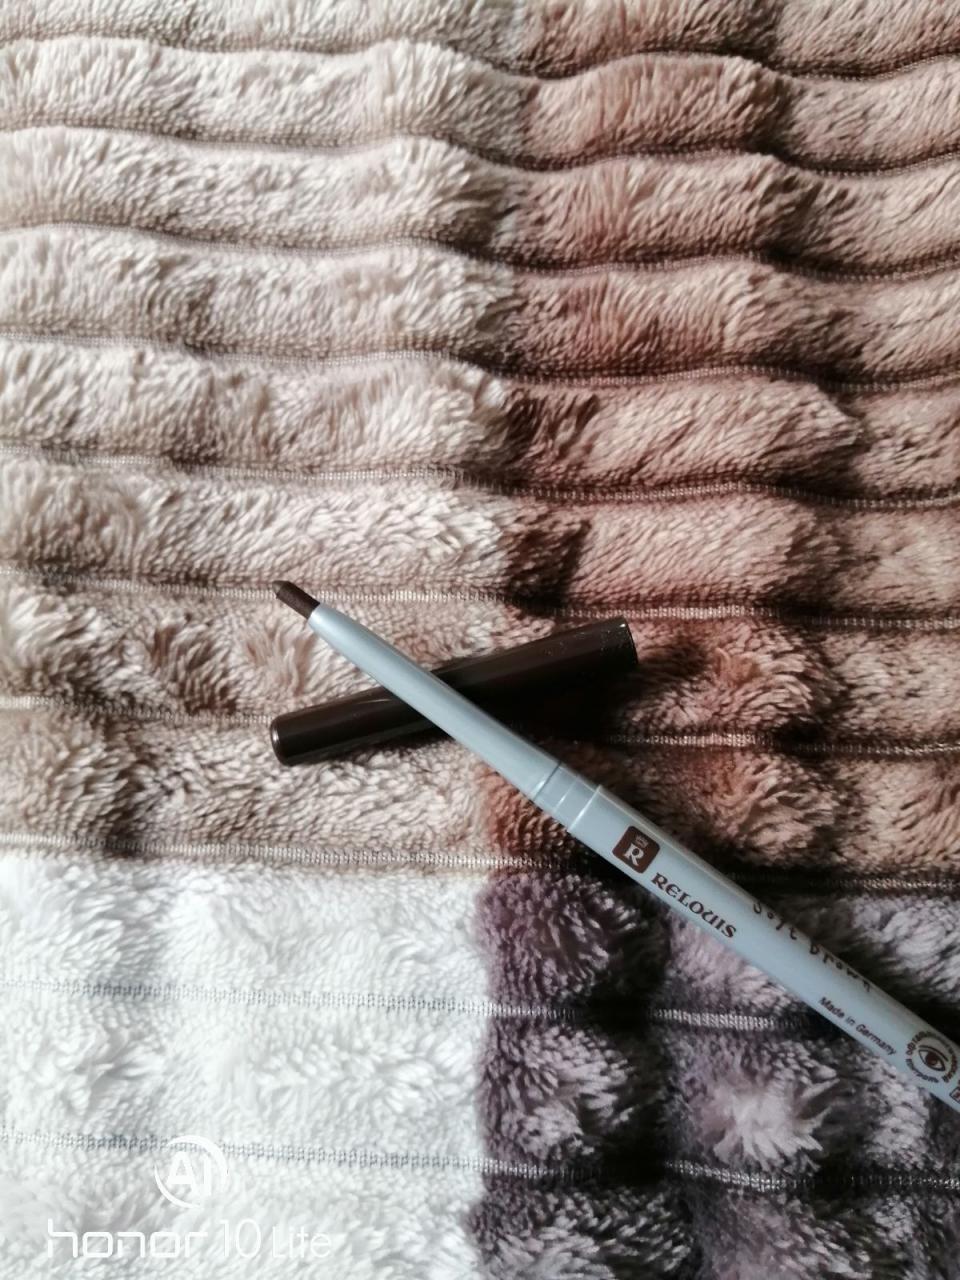 Отзыв на товар: Карандаш для бровей механический пудровый. Relouis.